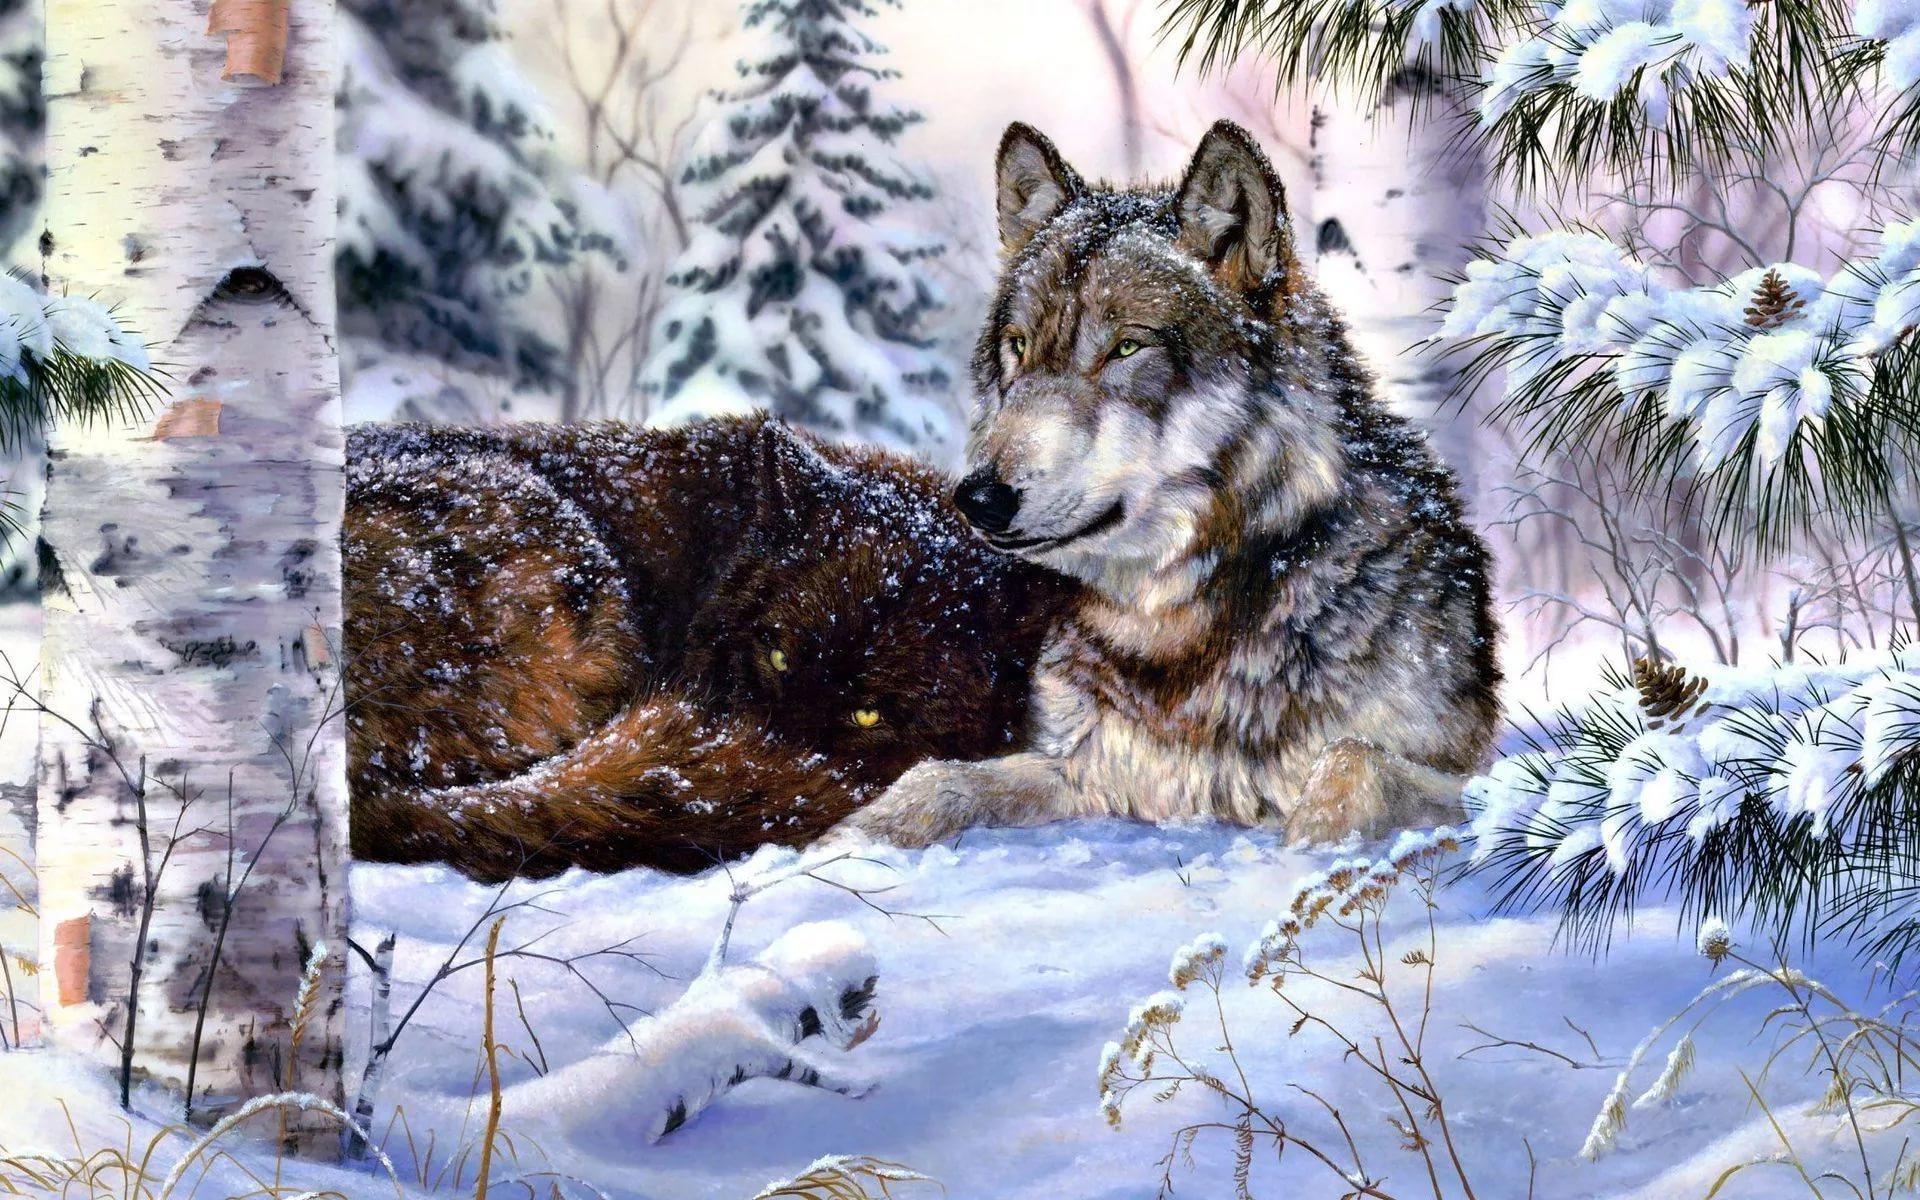 волки зима пейзаж картинки новых друзей